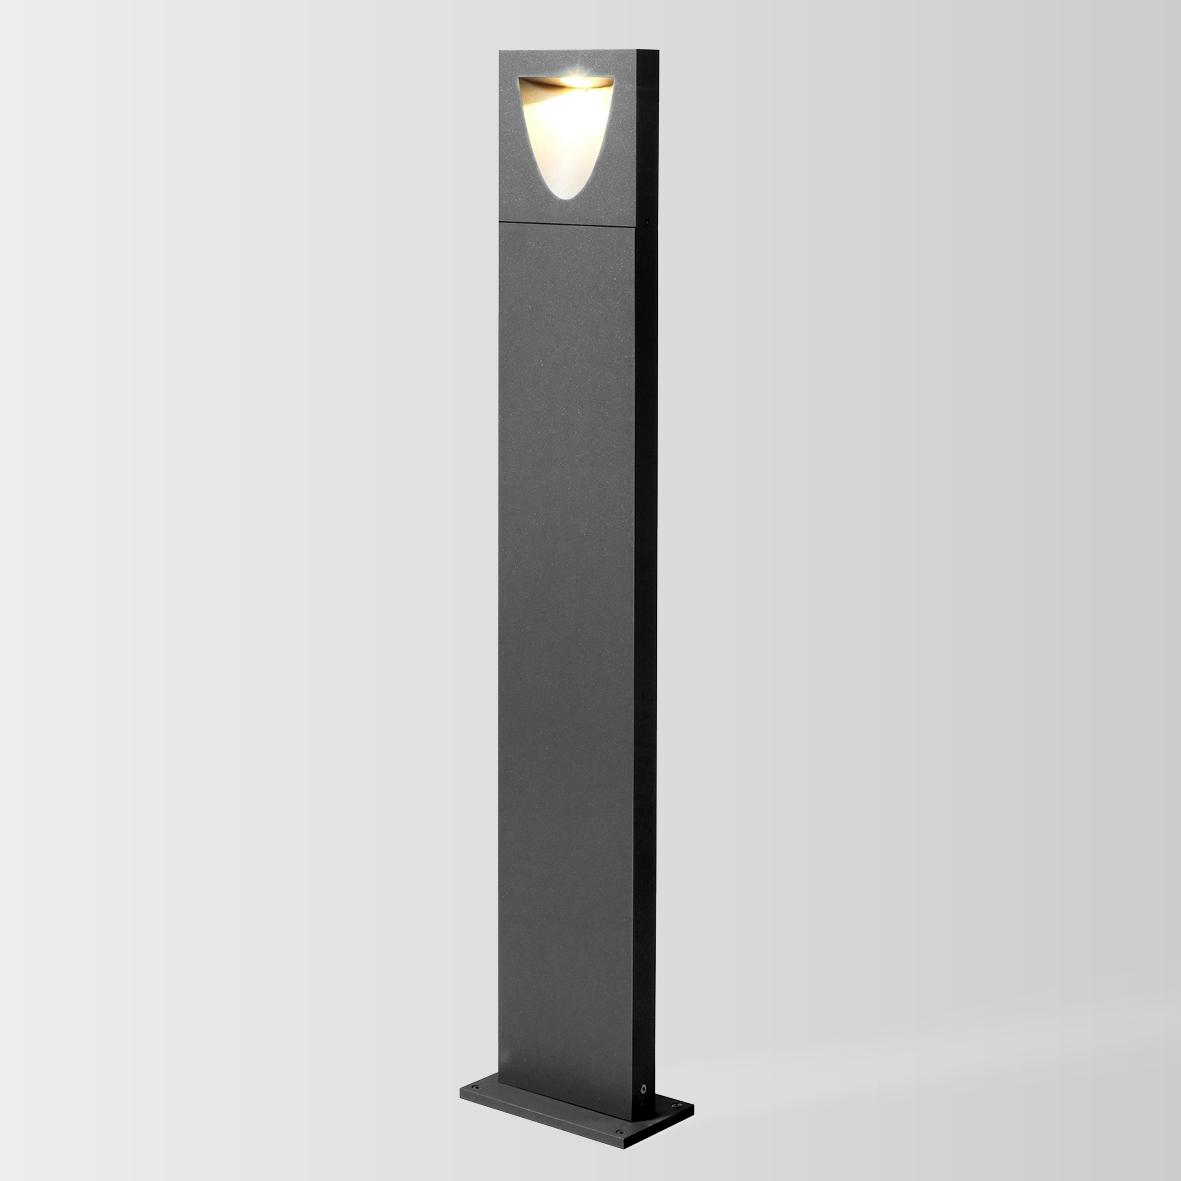 SMILE 1.0 LED 3000K DIM tumehall 8W 80 220-240VAC ilma postita, välisvalgusti pollar